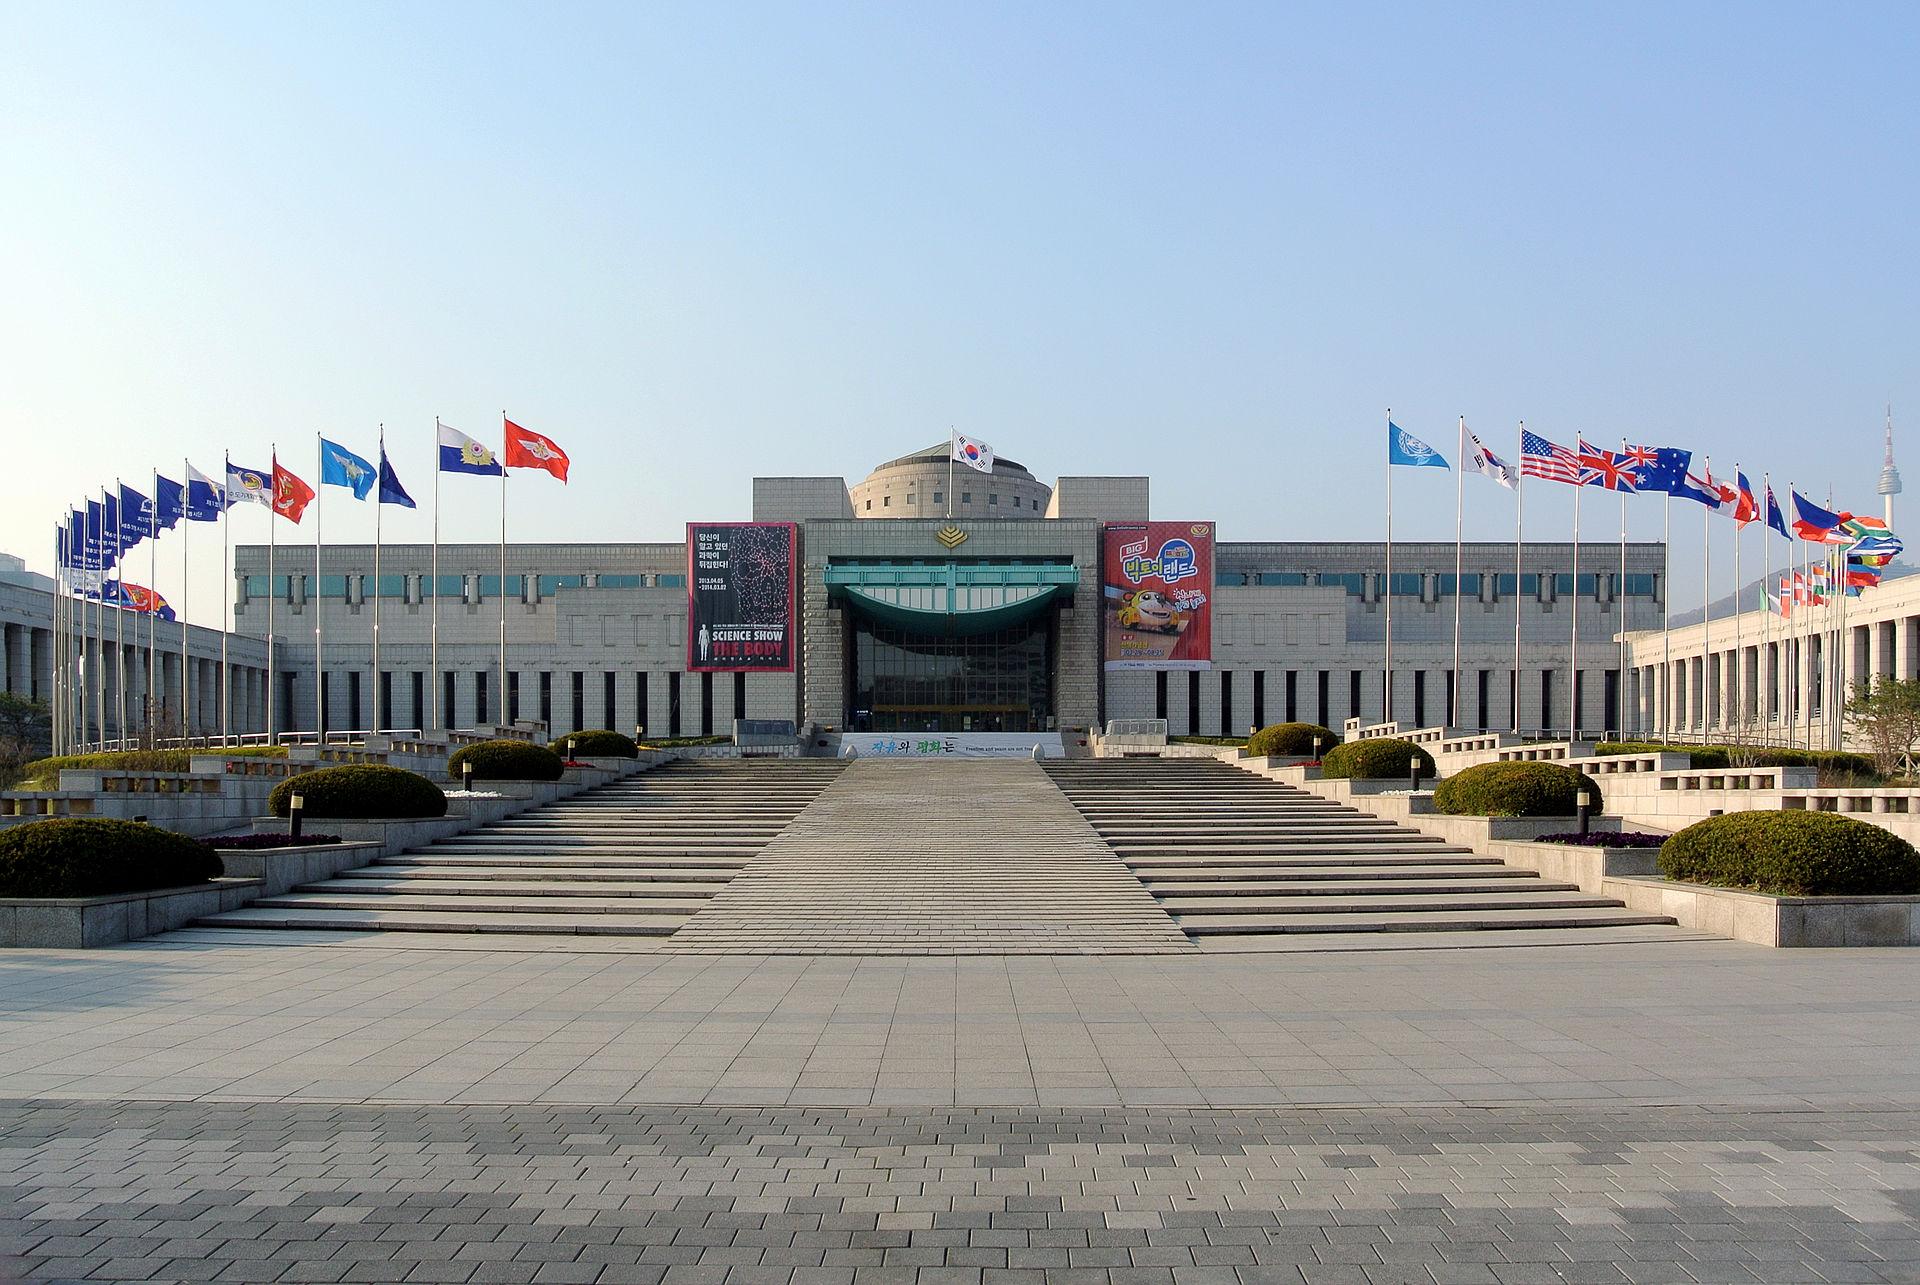 War Memorial of Korea in Seoul.